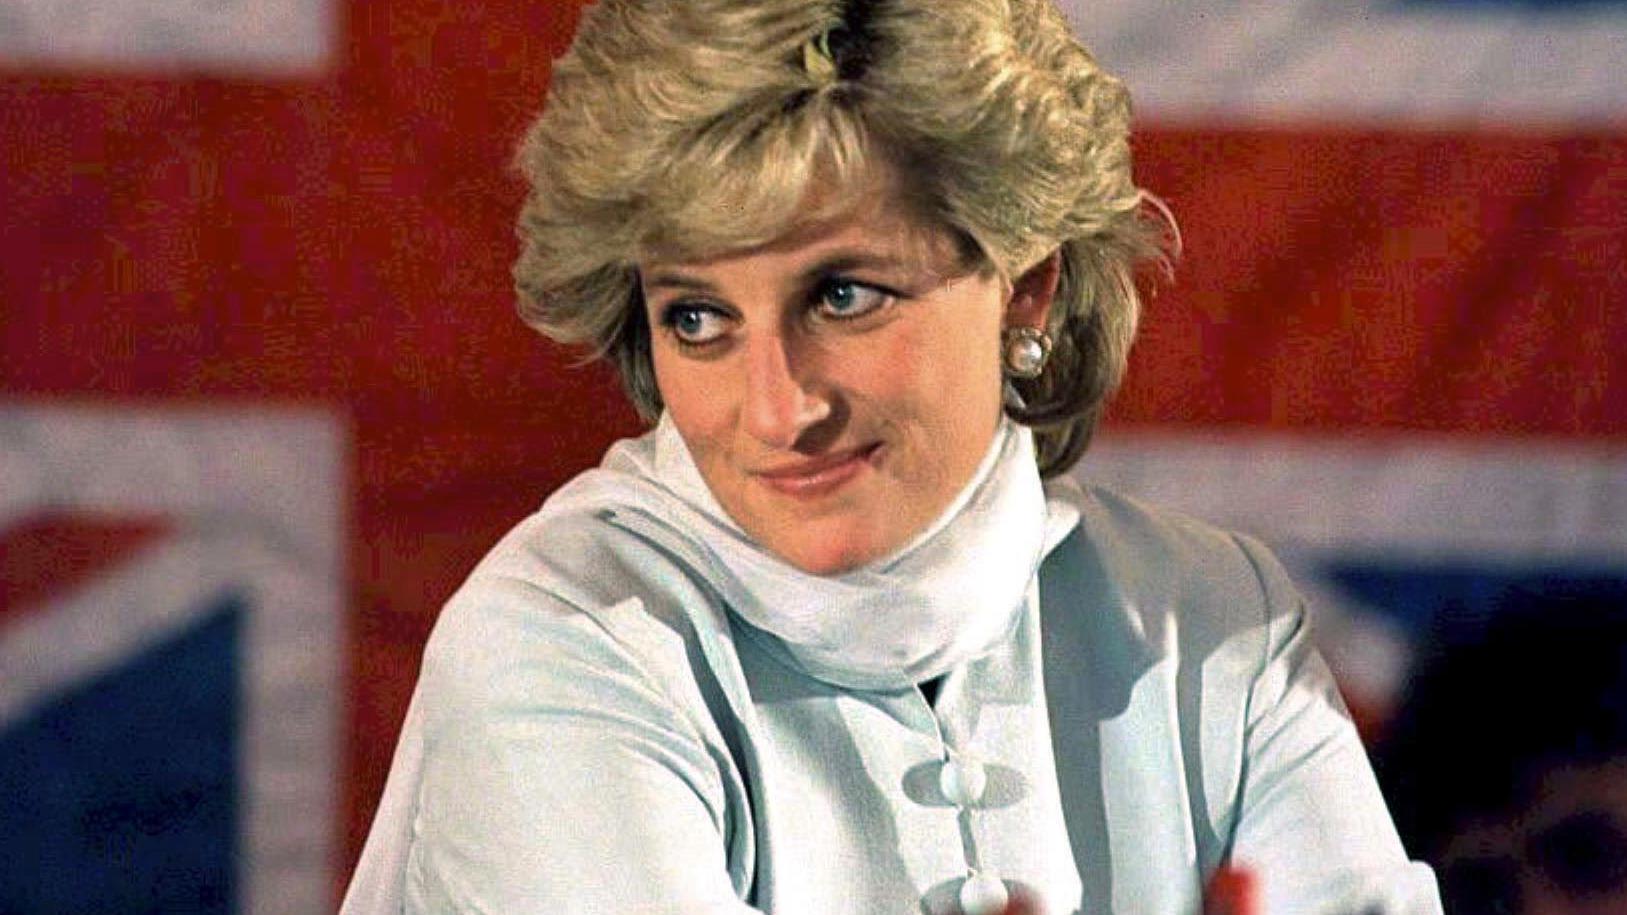 Prinzessin Dianas Skandal-Interview von 1995 schlägt erneut hohe Wellen.